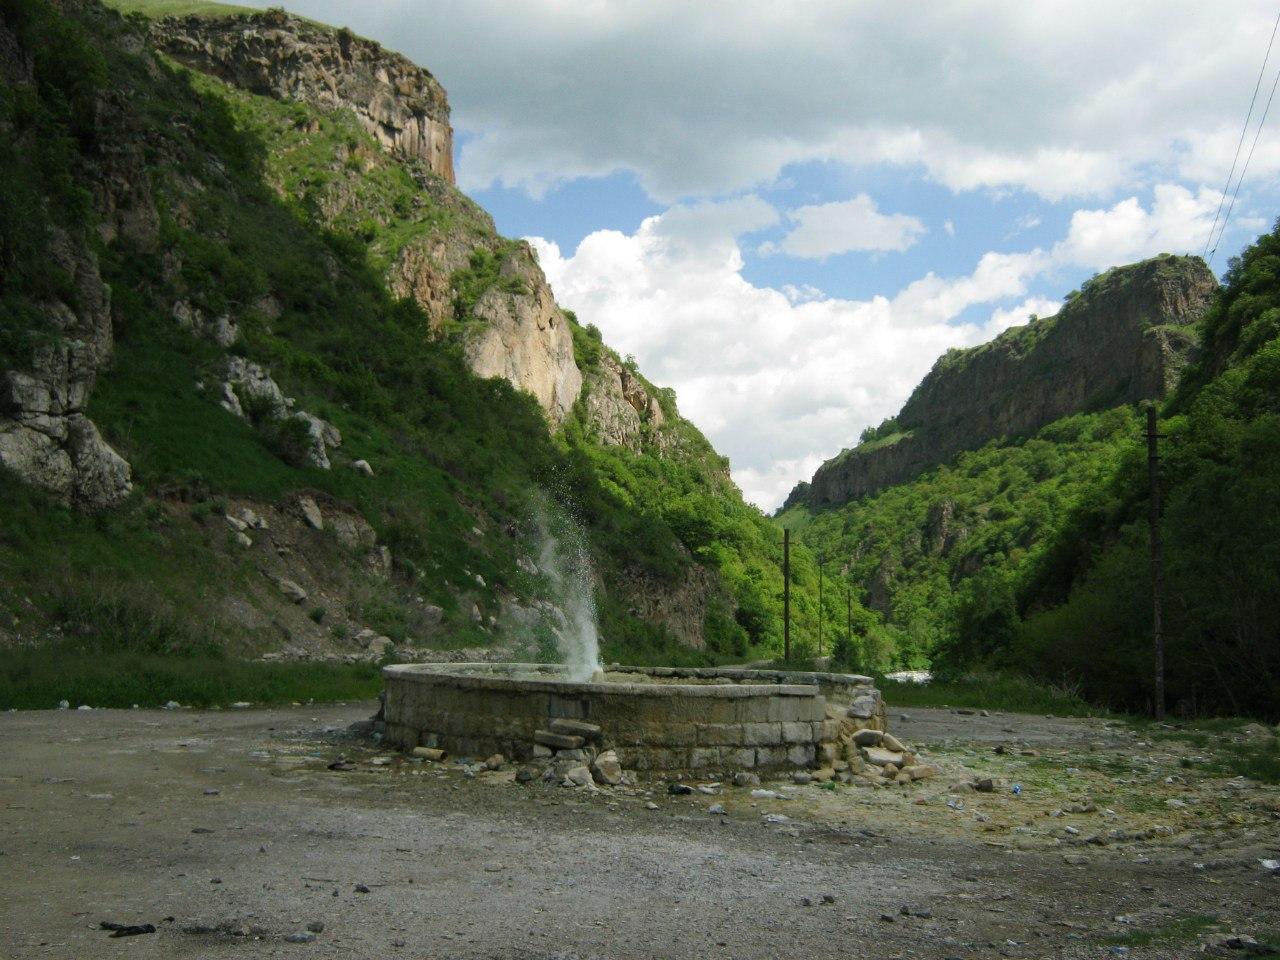 Термальный источник (гейзер) на дороге Карватжар-Цар